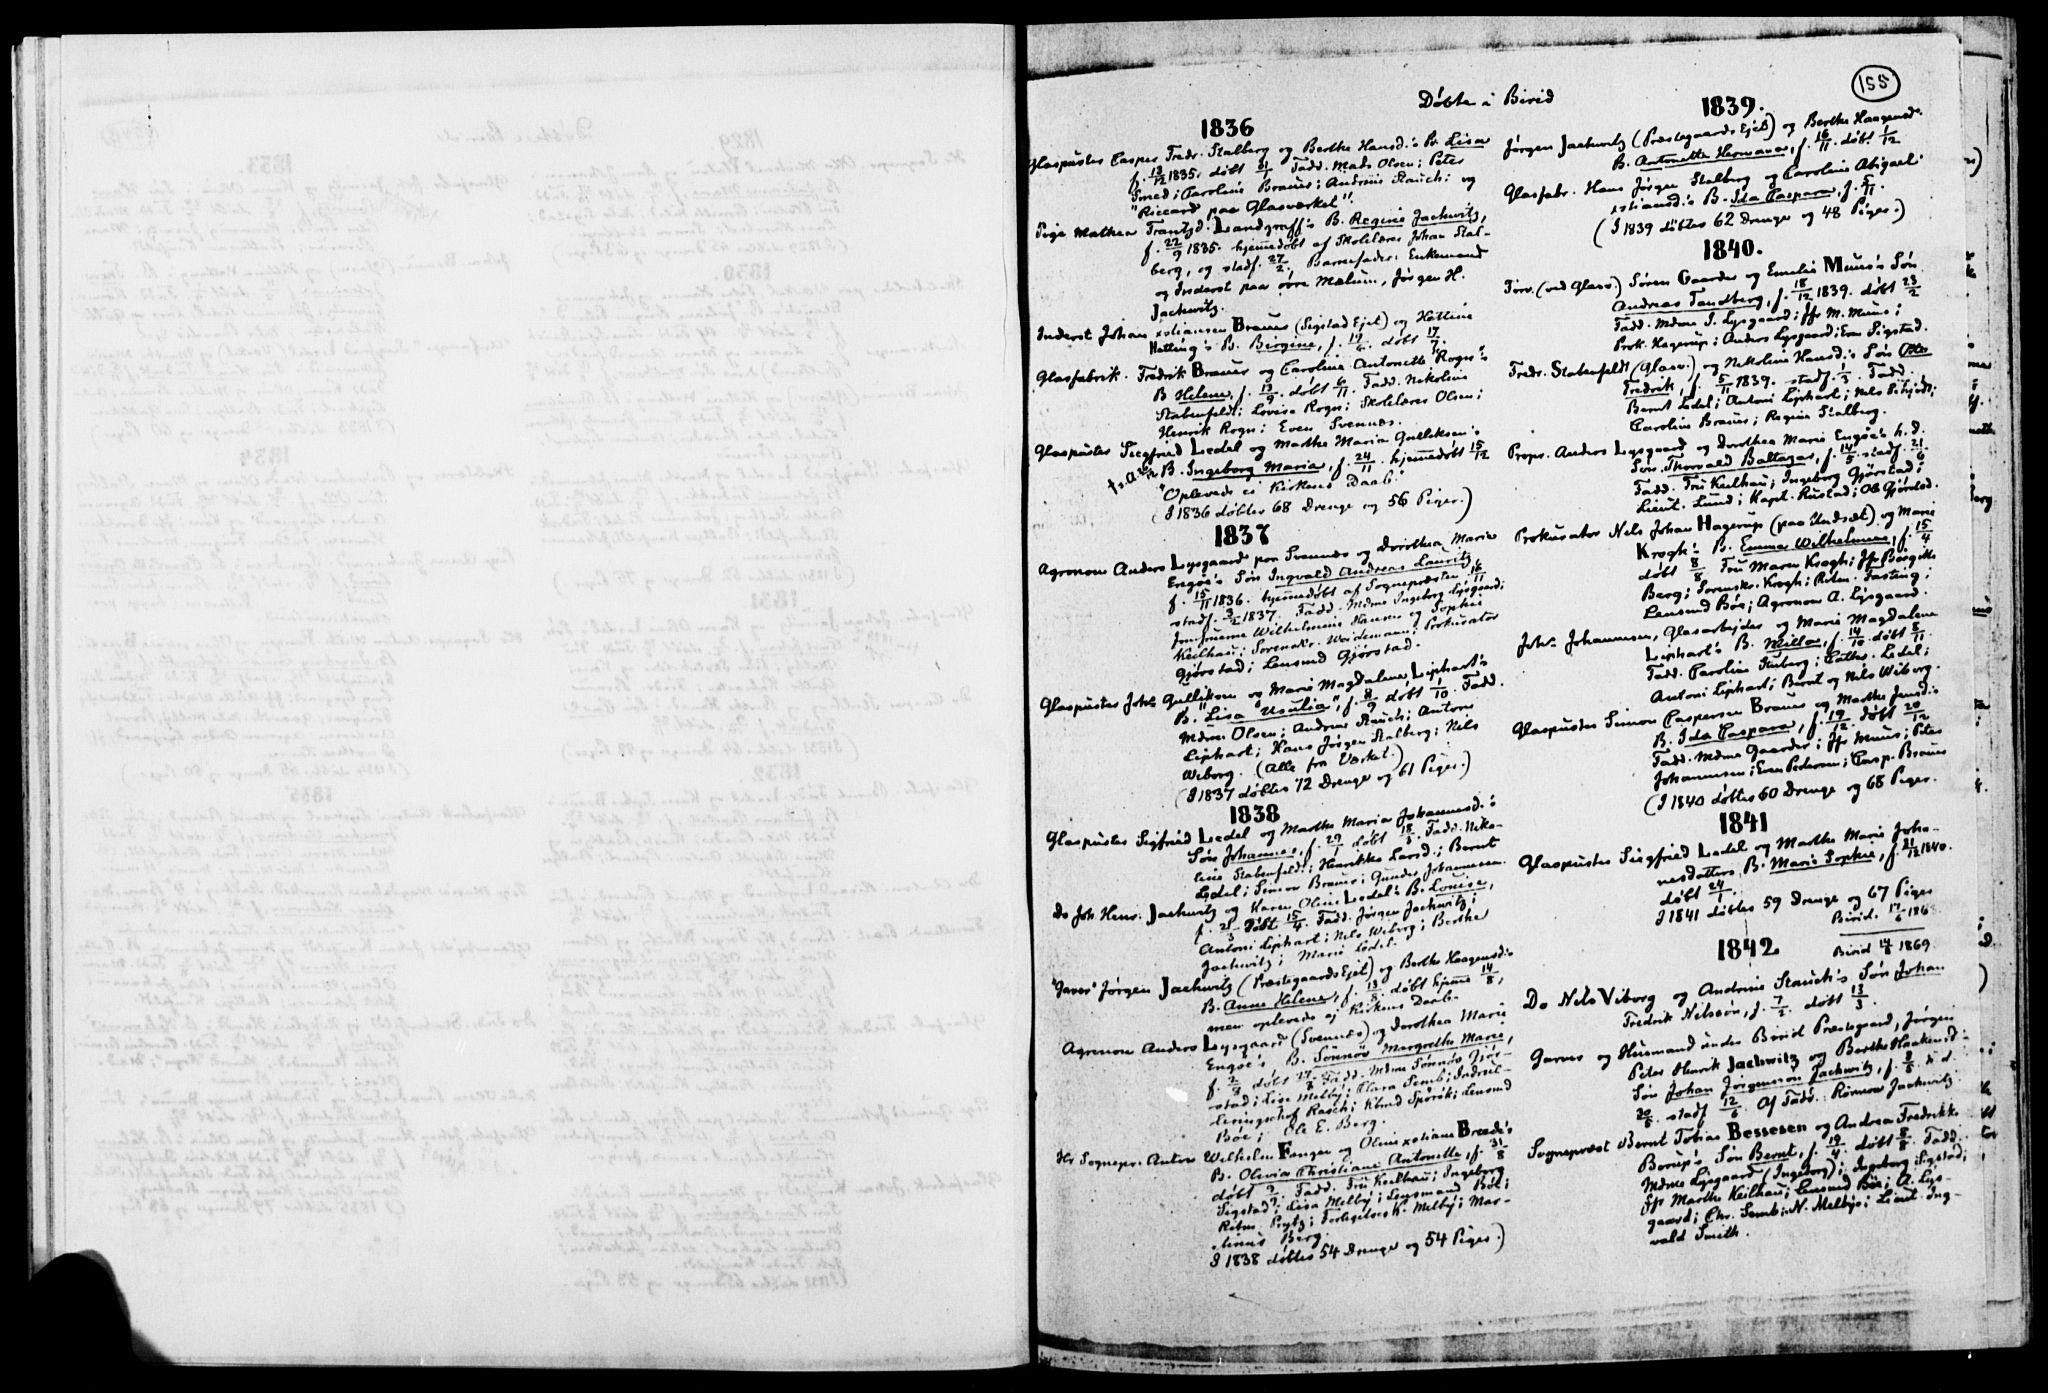 SAH, Biri prestekontor, Ministerialbok, 1730-1879, s. 155